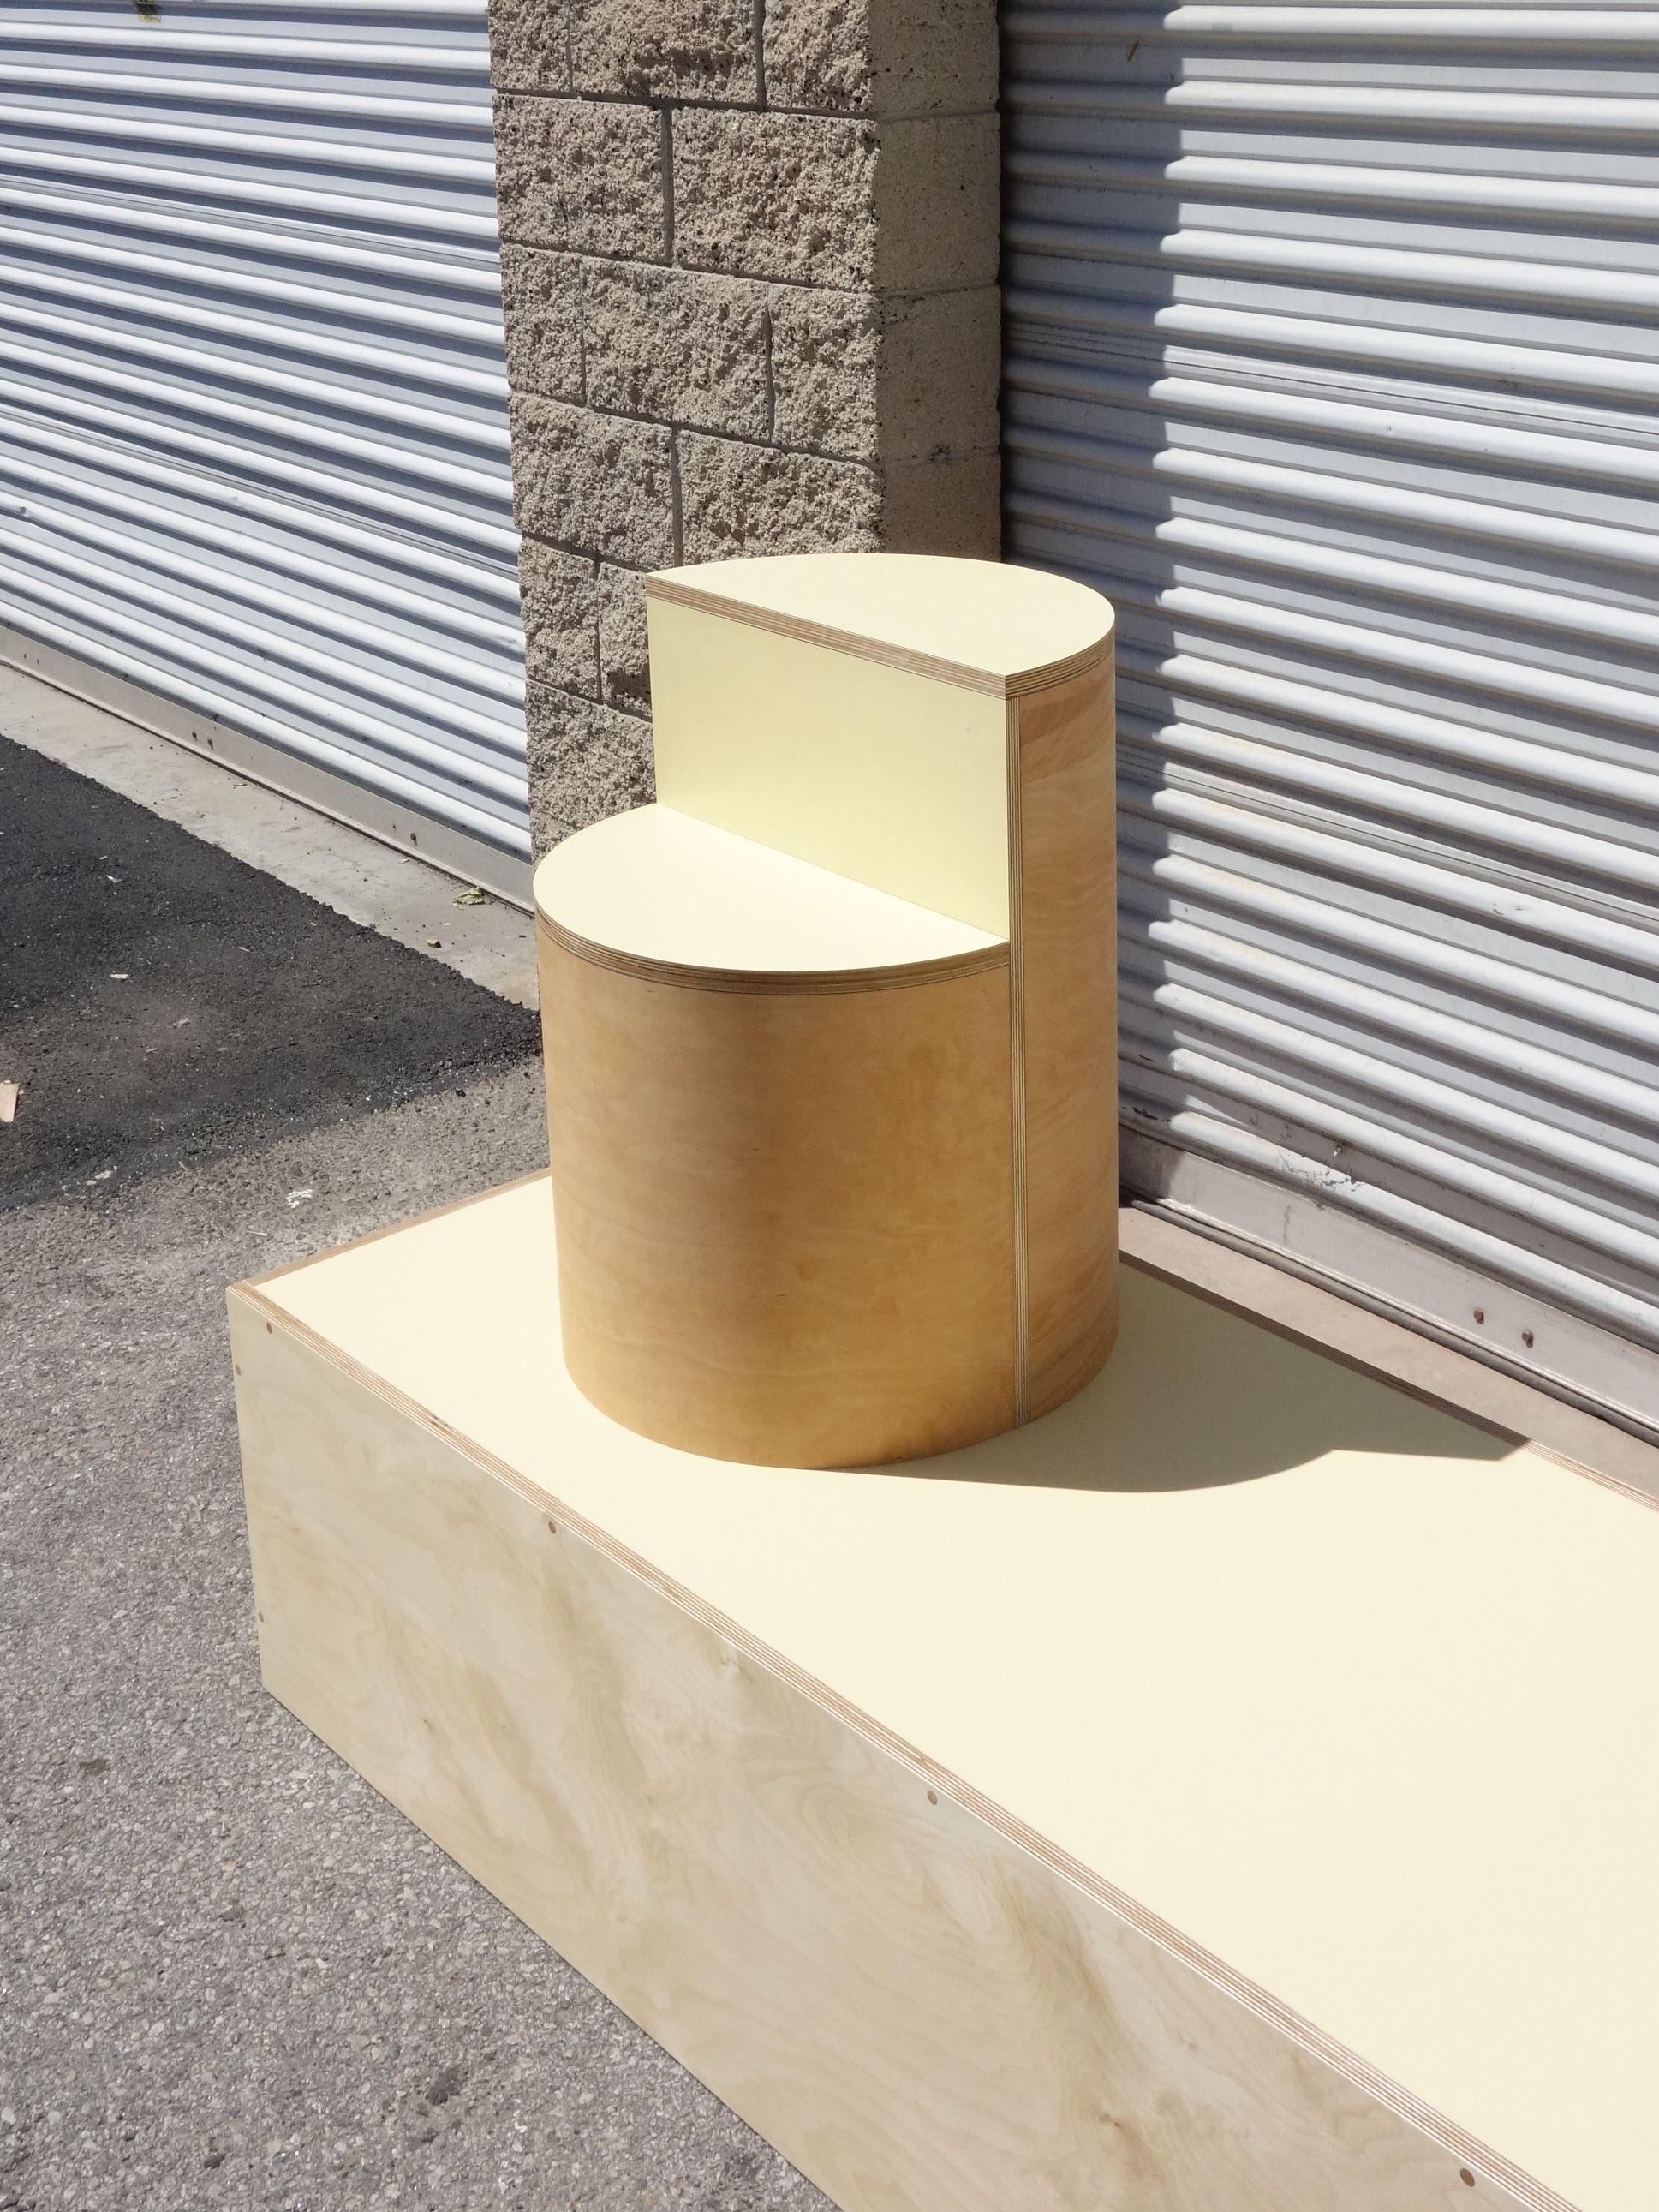 Rebag Madison, NY product image 3